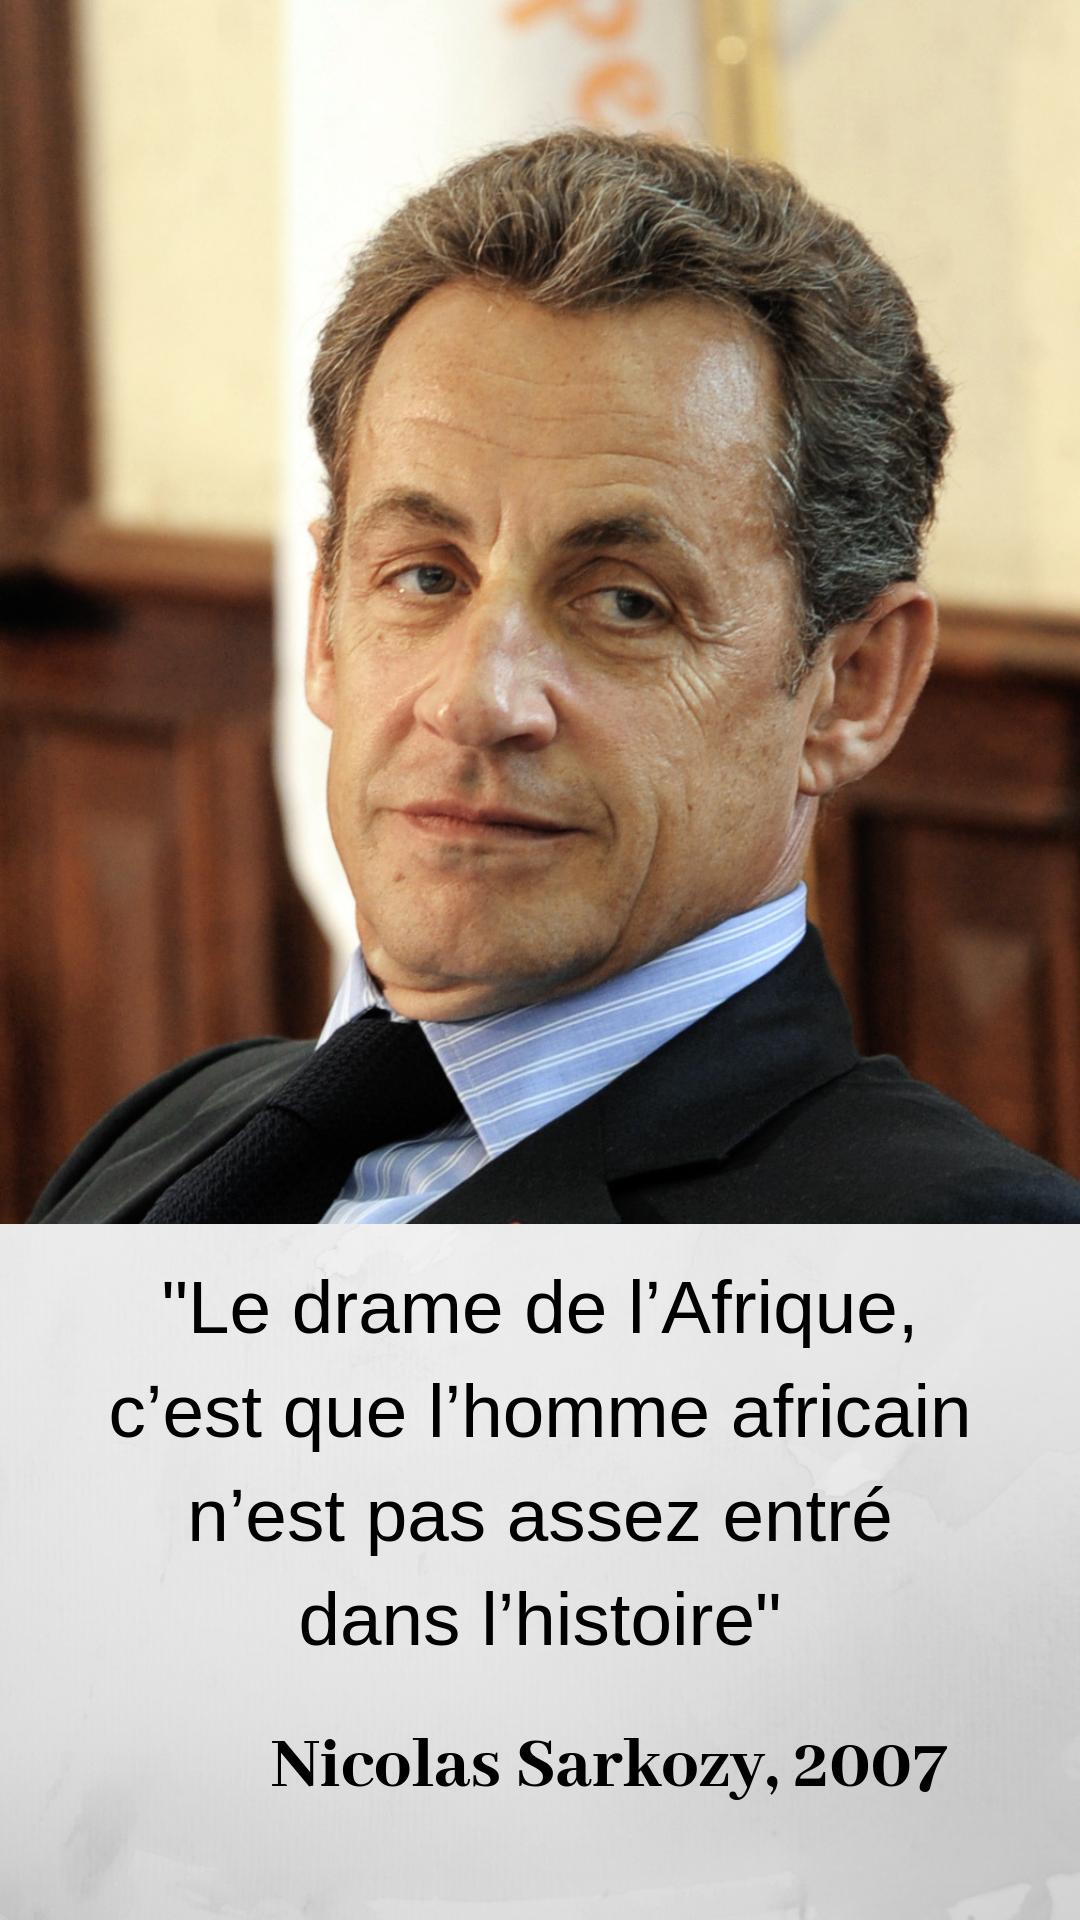 A Quelle Occasion Dominique De Villepin Prononce T Il Ces Mots Facile Histoire Africaine Sarkozy 5eme Republique